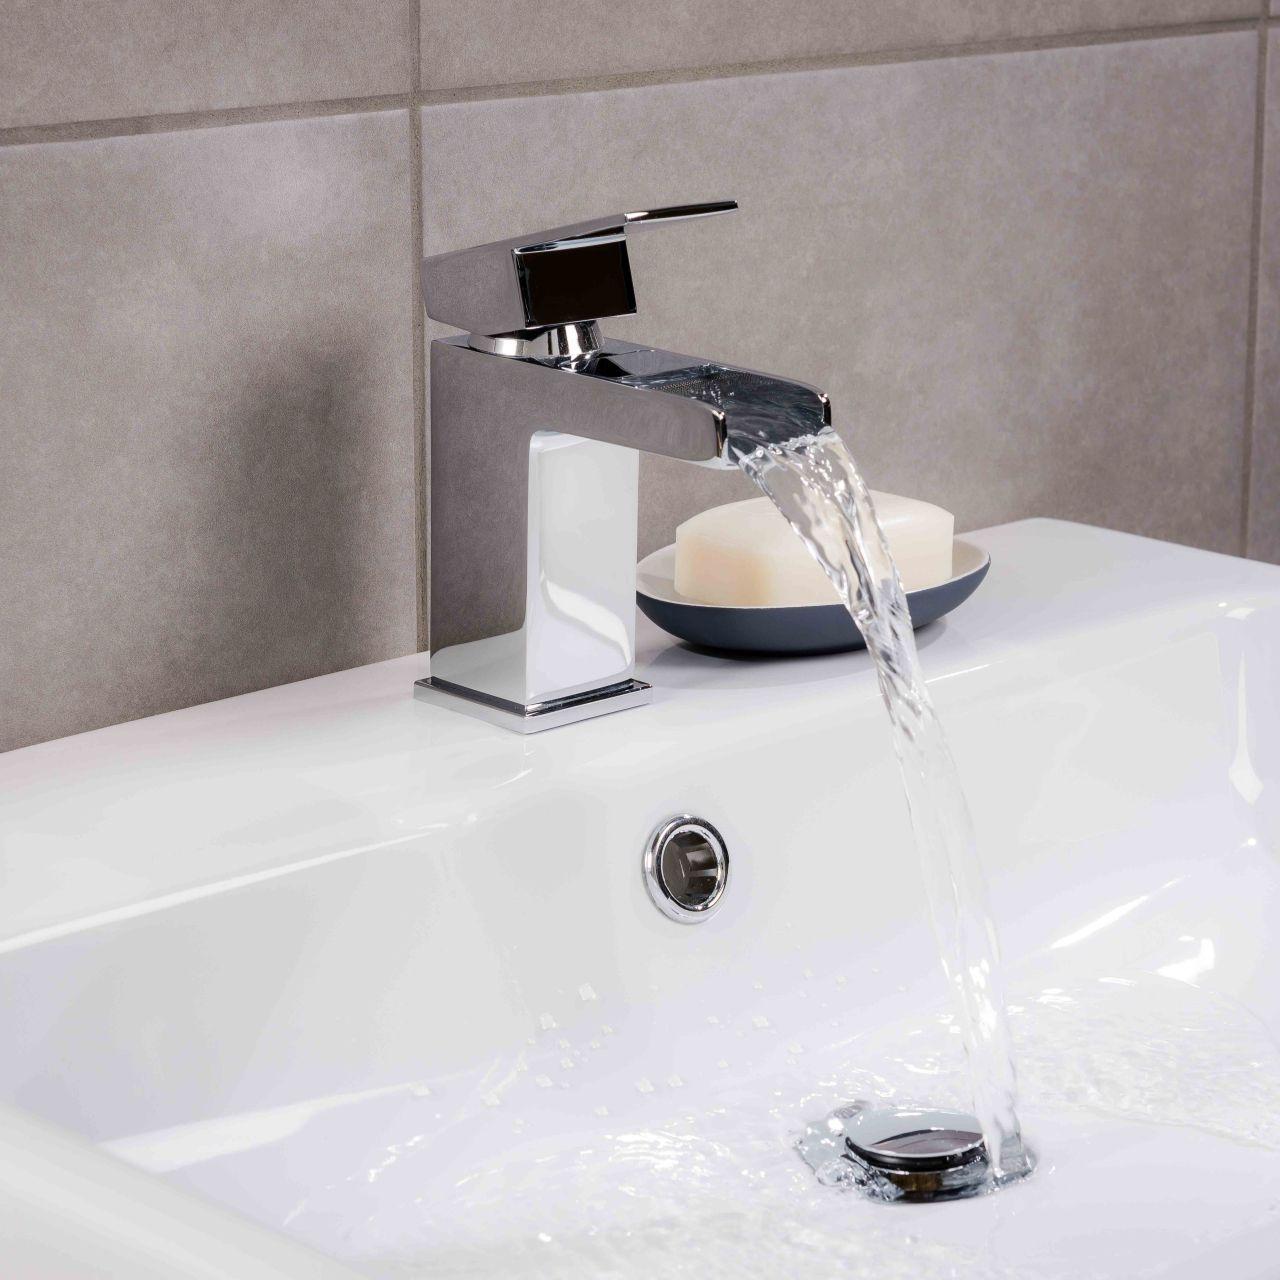 Banyo bataryası lavabo musluk modelleri